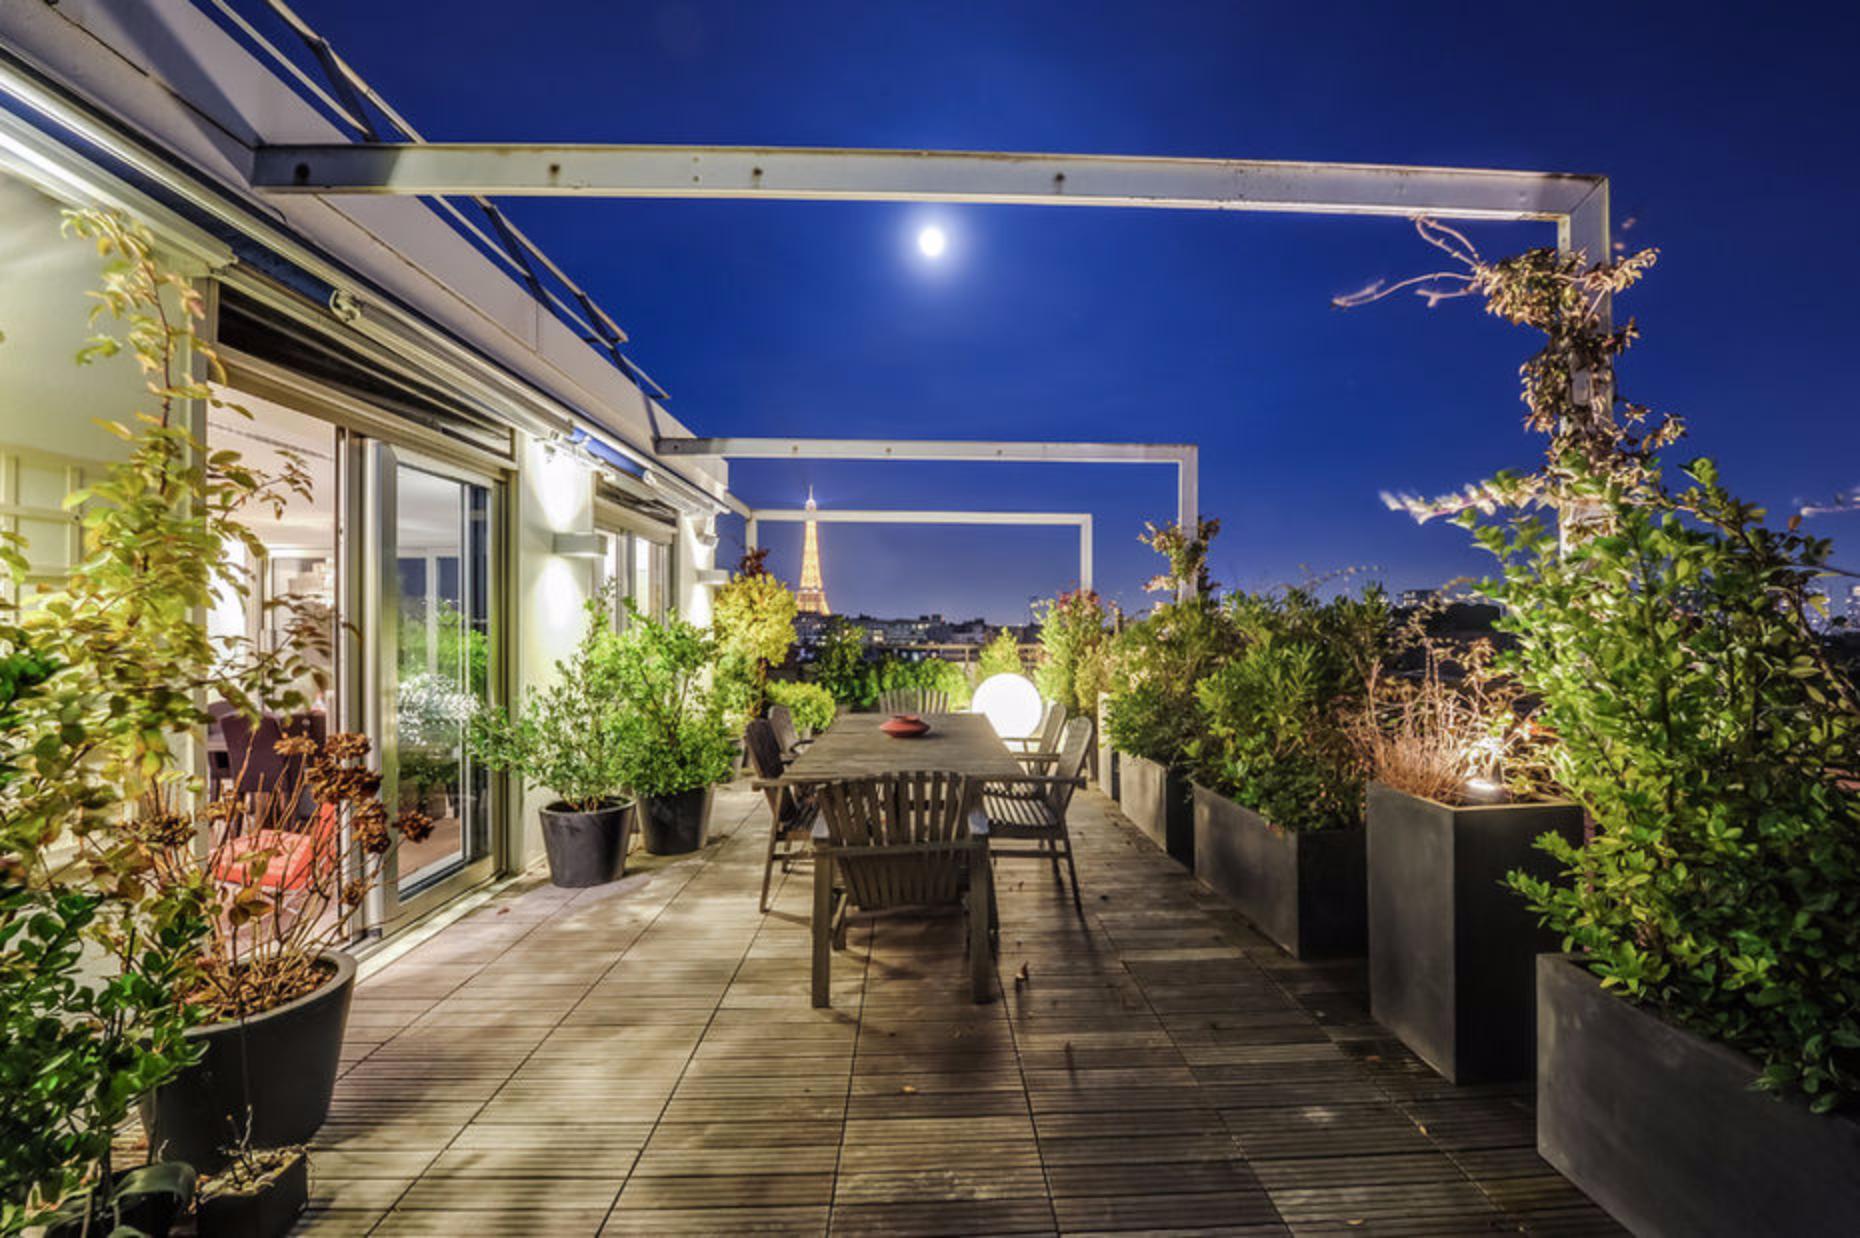 acheter un appartement avec terrasse paris oui mais. Black Bedroom Furniture Sets. Home Design Ideas